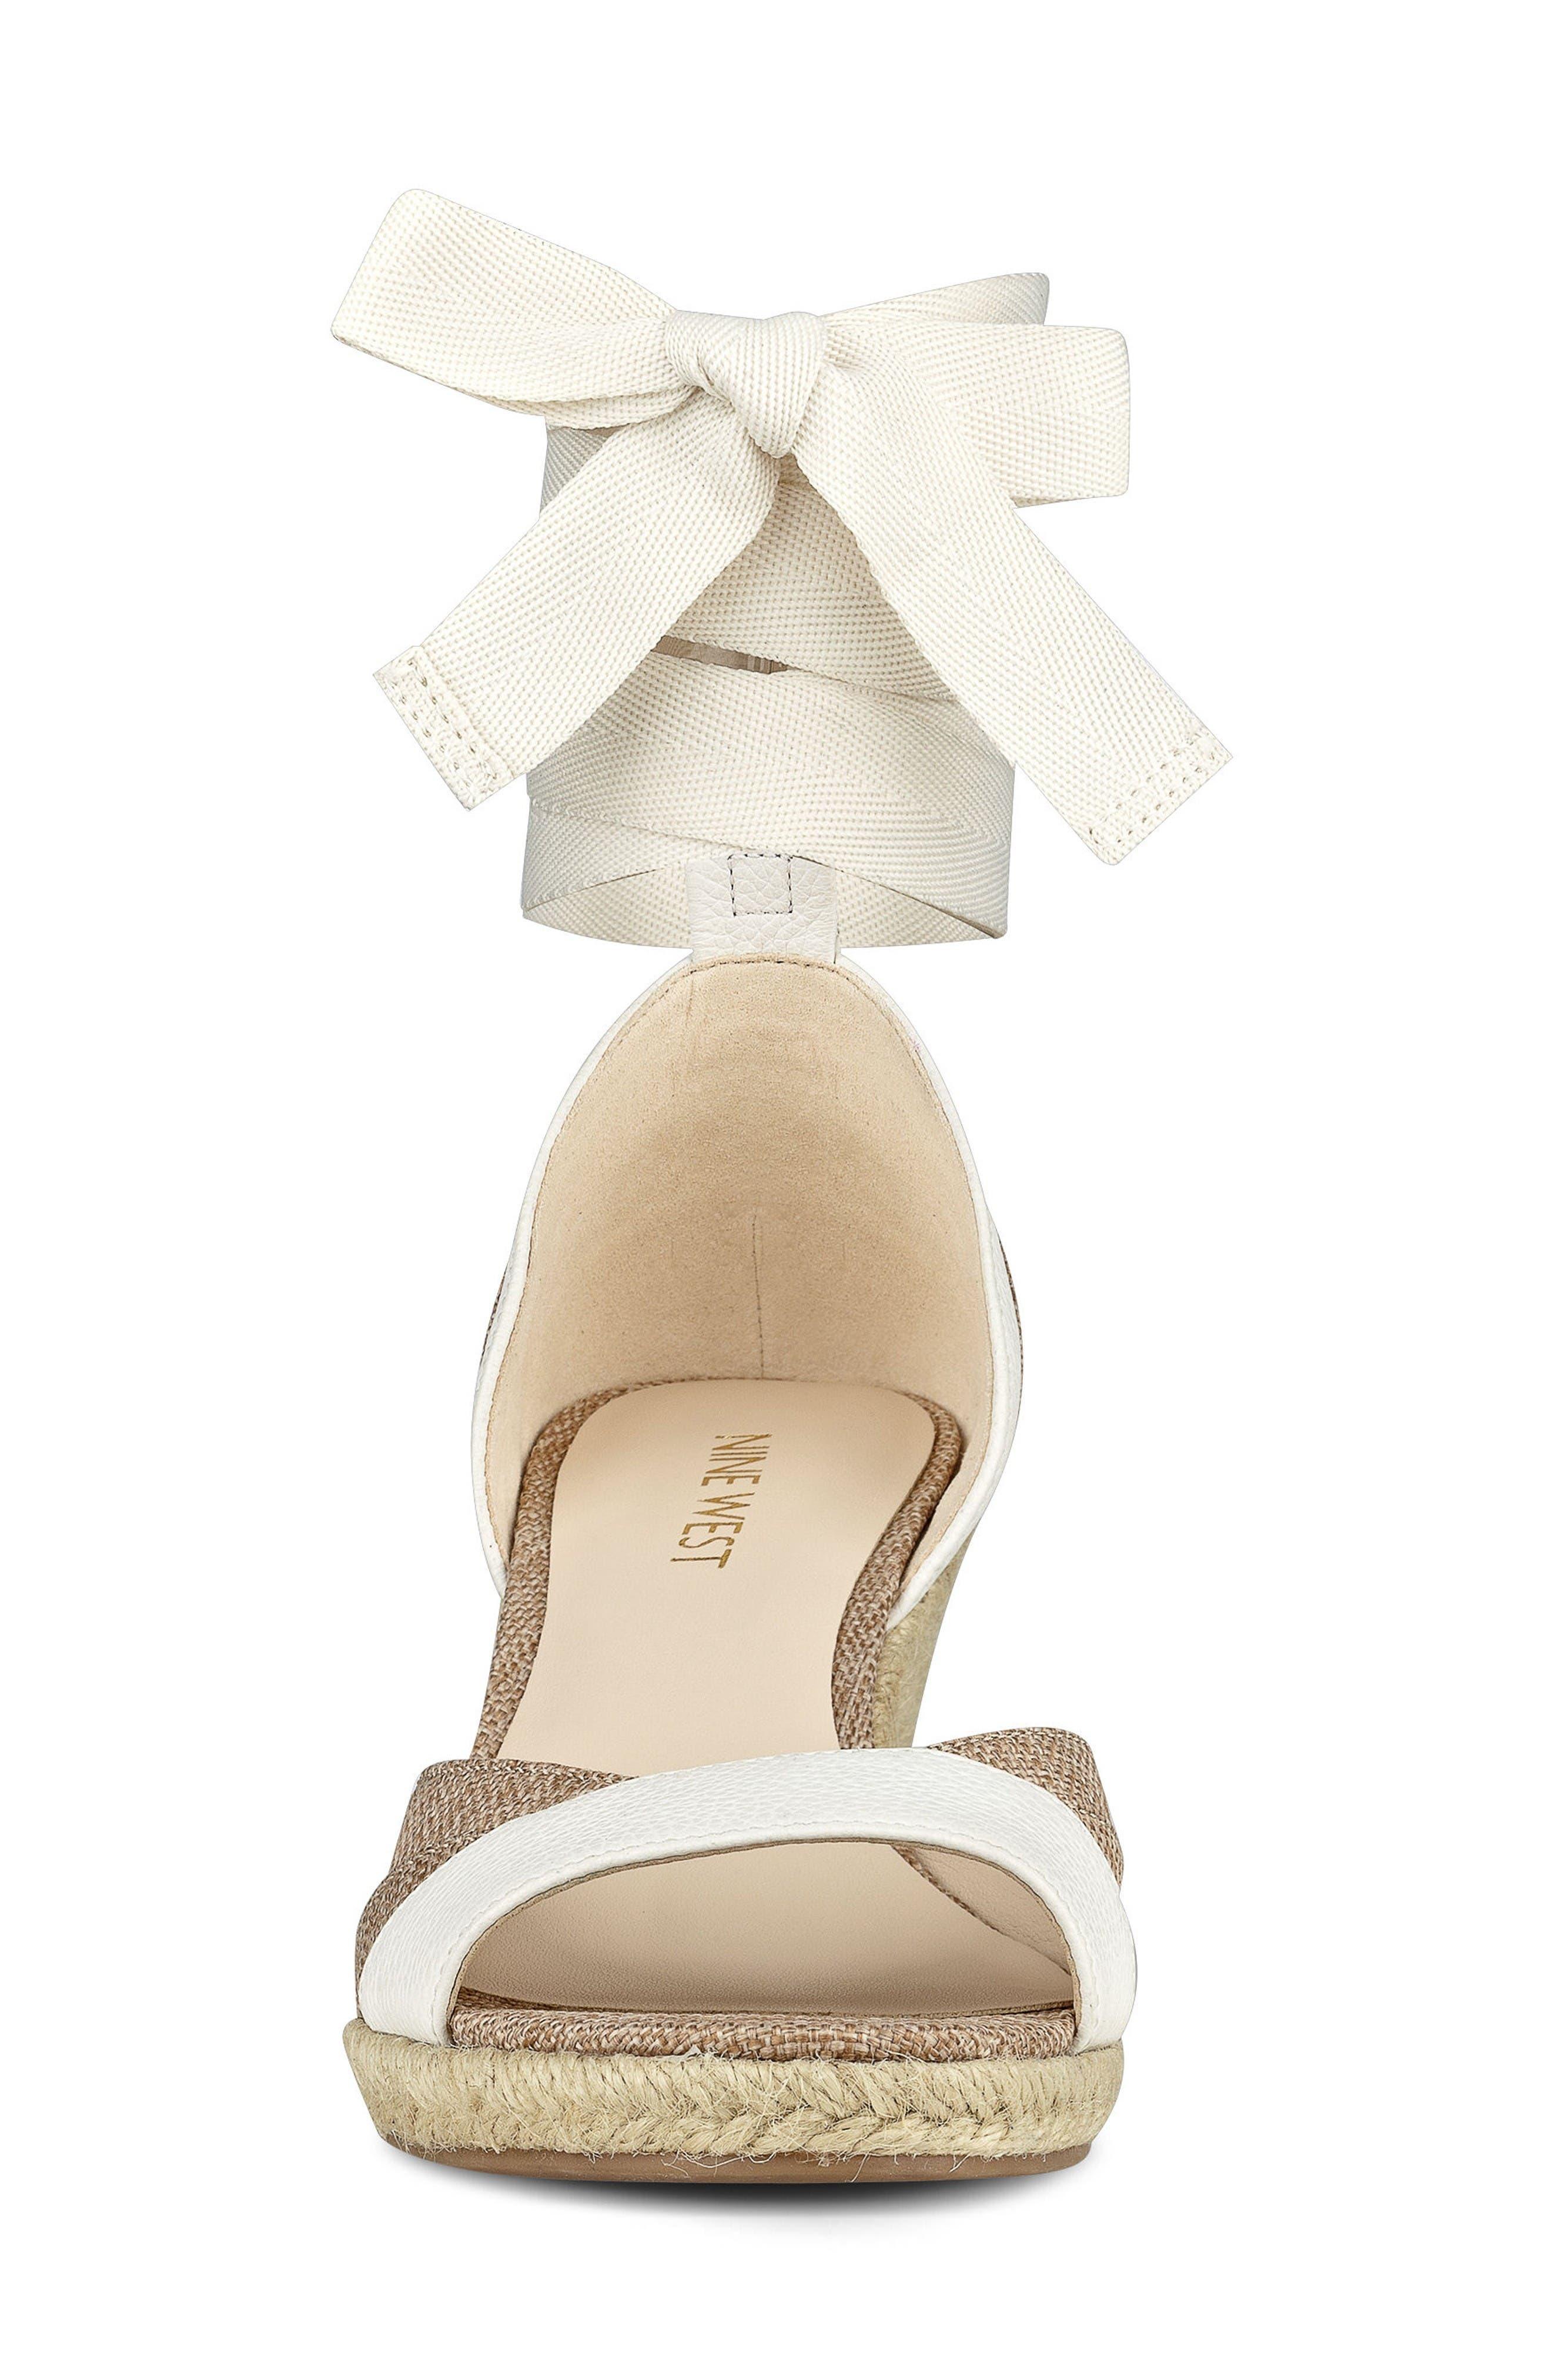 Alternate Image 3  - Nine West Jaxel Ankle Tie Wedge Sandal (Women)